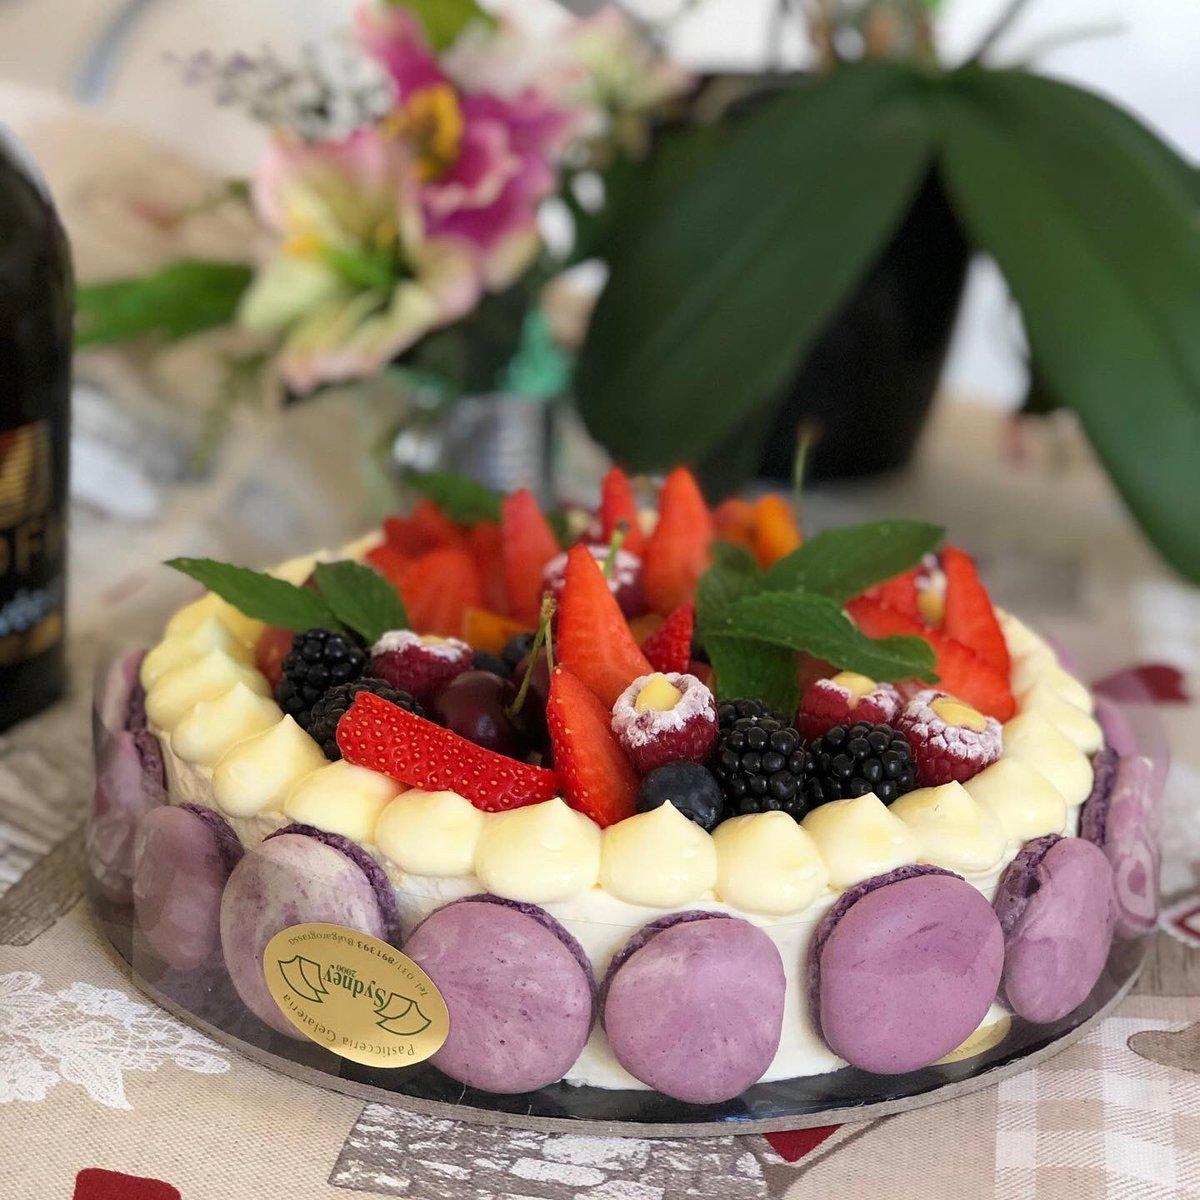 Pan di Spagna chantilly e frutta 5d!!! Una torta davvero unica con un nome unico!!!#pasticceriasydney2000 #bulgarograsso #chantilly #pandispagna #frutta #menta #unica #special #specialepic.twitter.com/nCBDcUhCXK